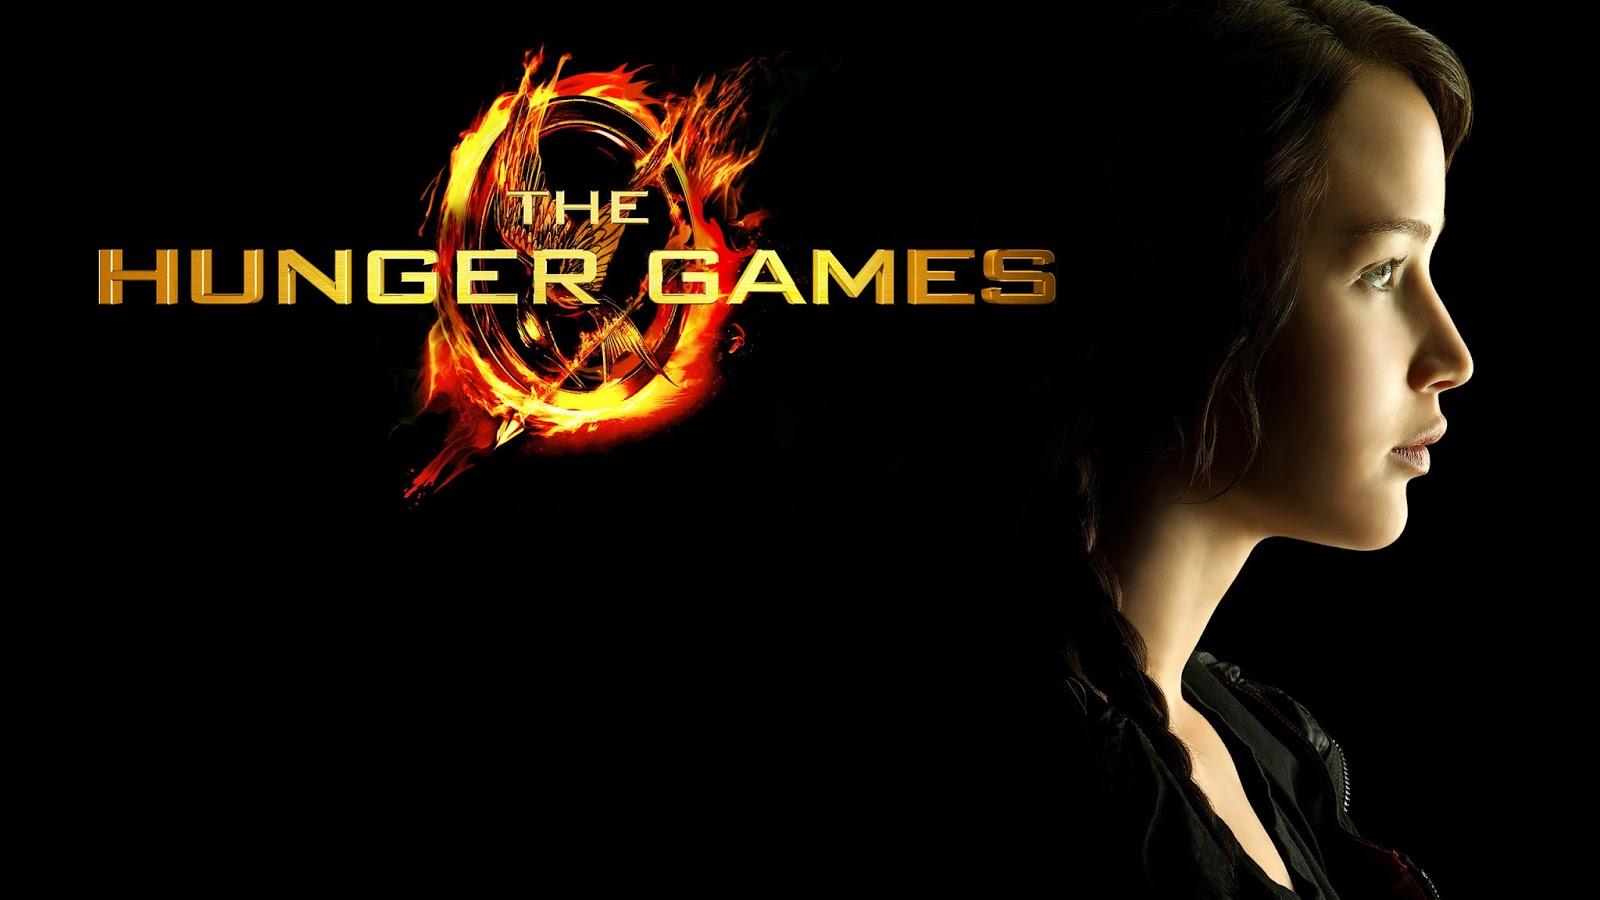 El elenco está integrado por la ganadora del Oscar, Jennifer Lawrence